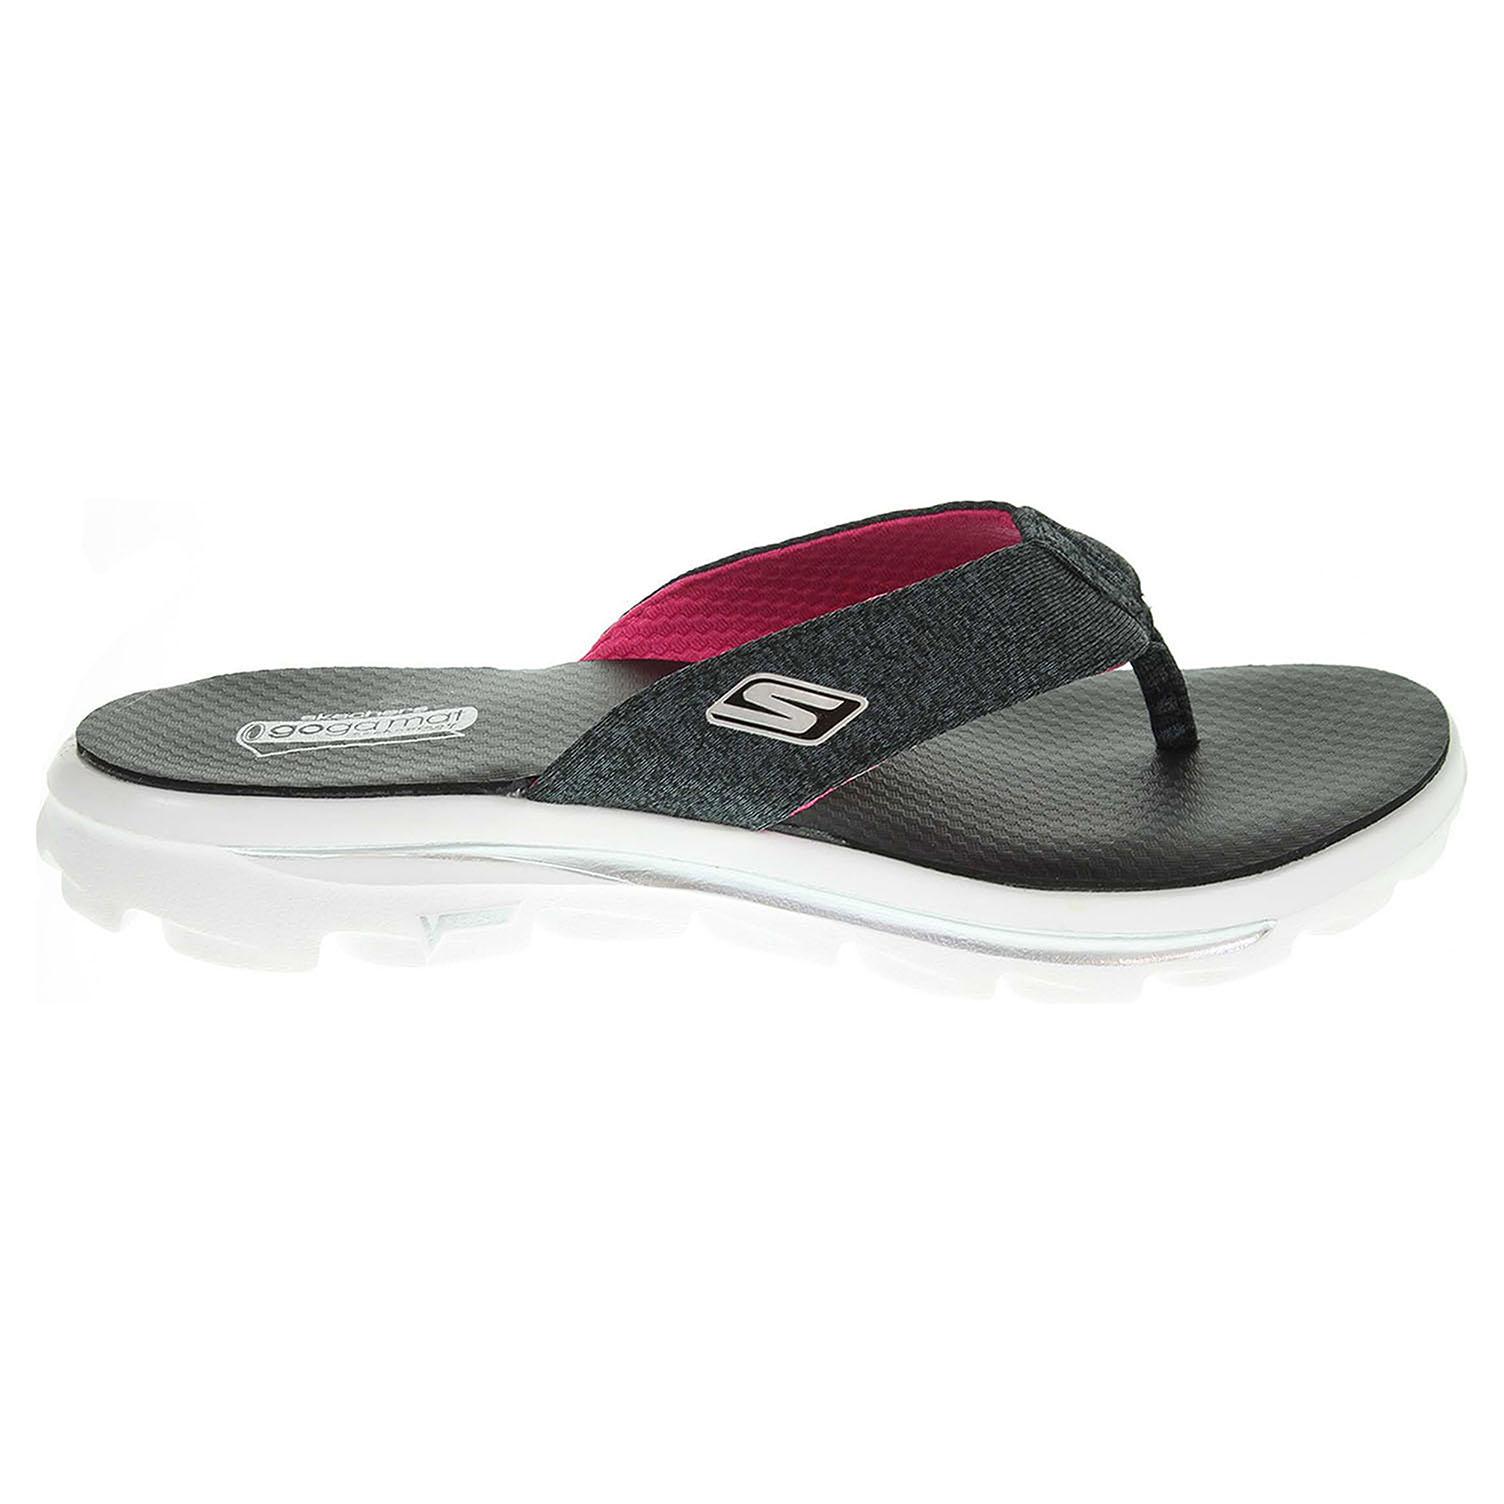 Ecco Skechers Go Walk Move-Solstice black-white 23700282